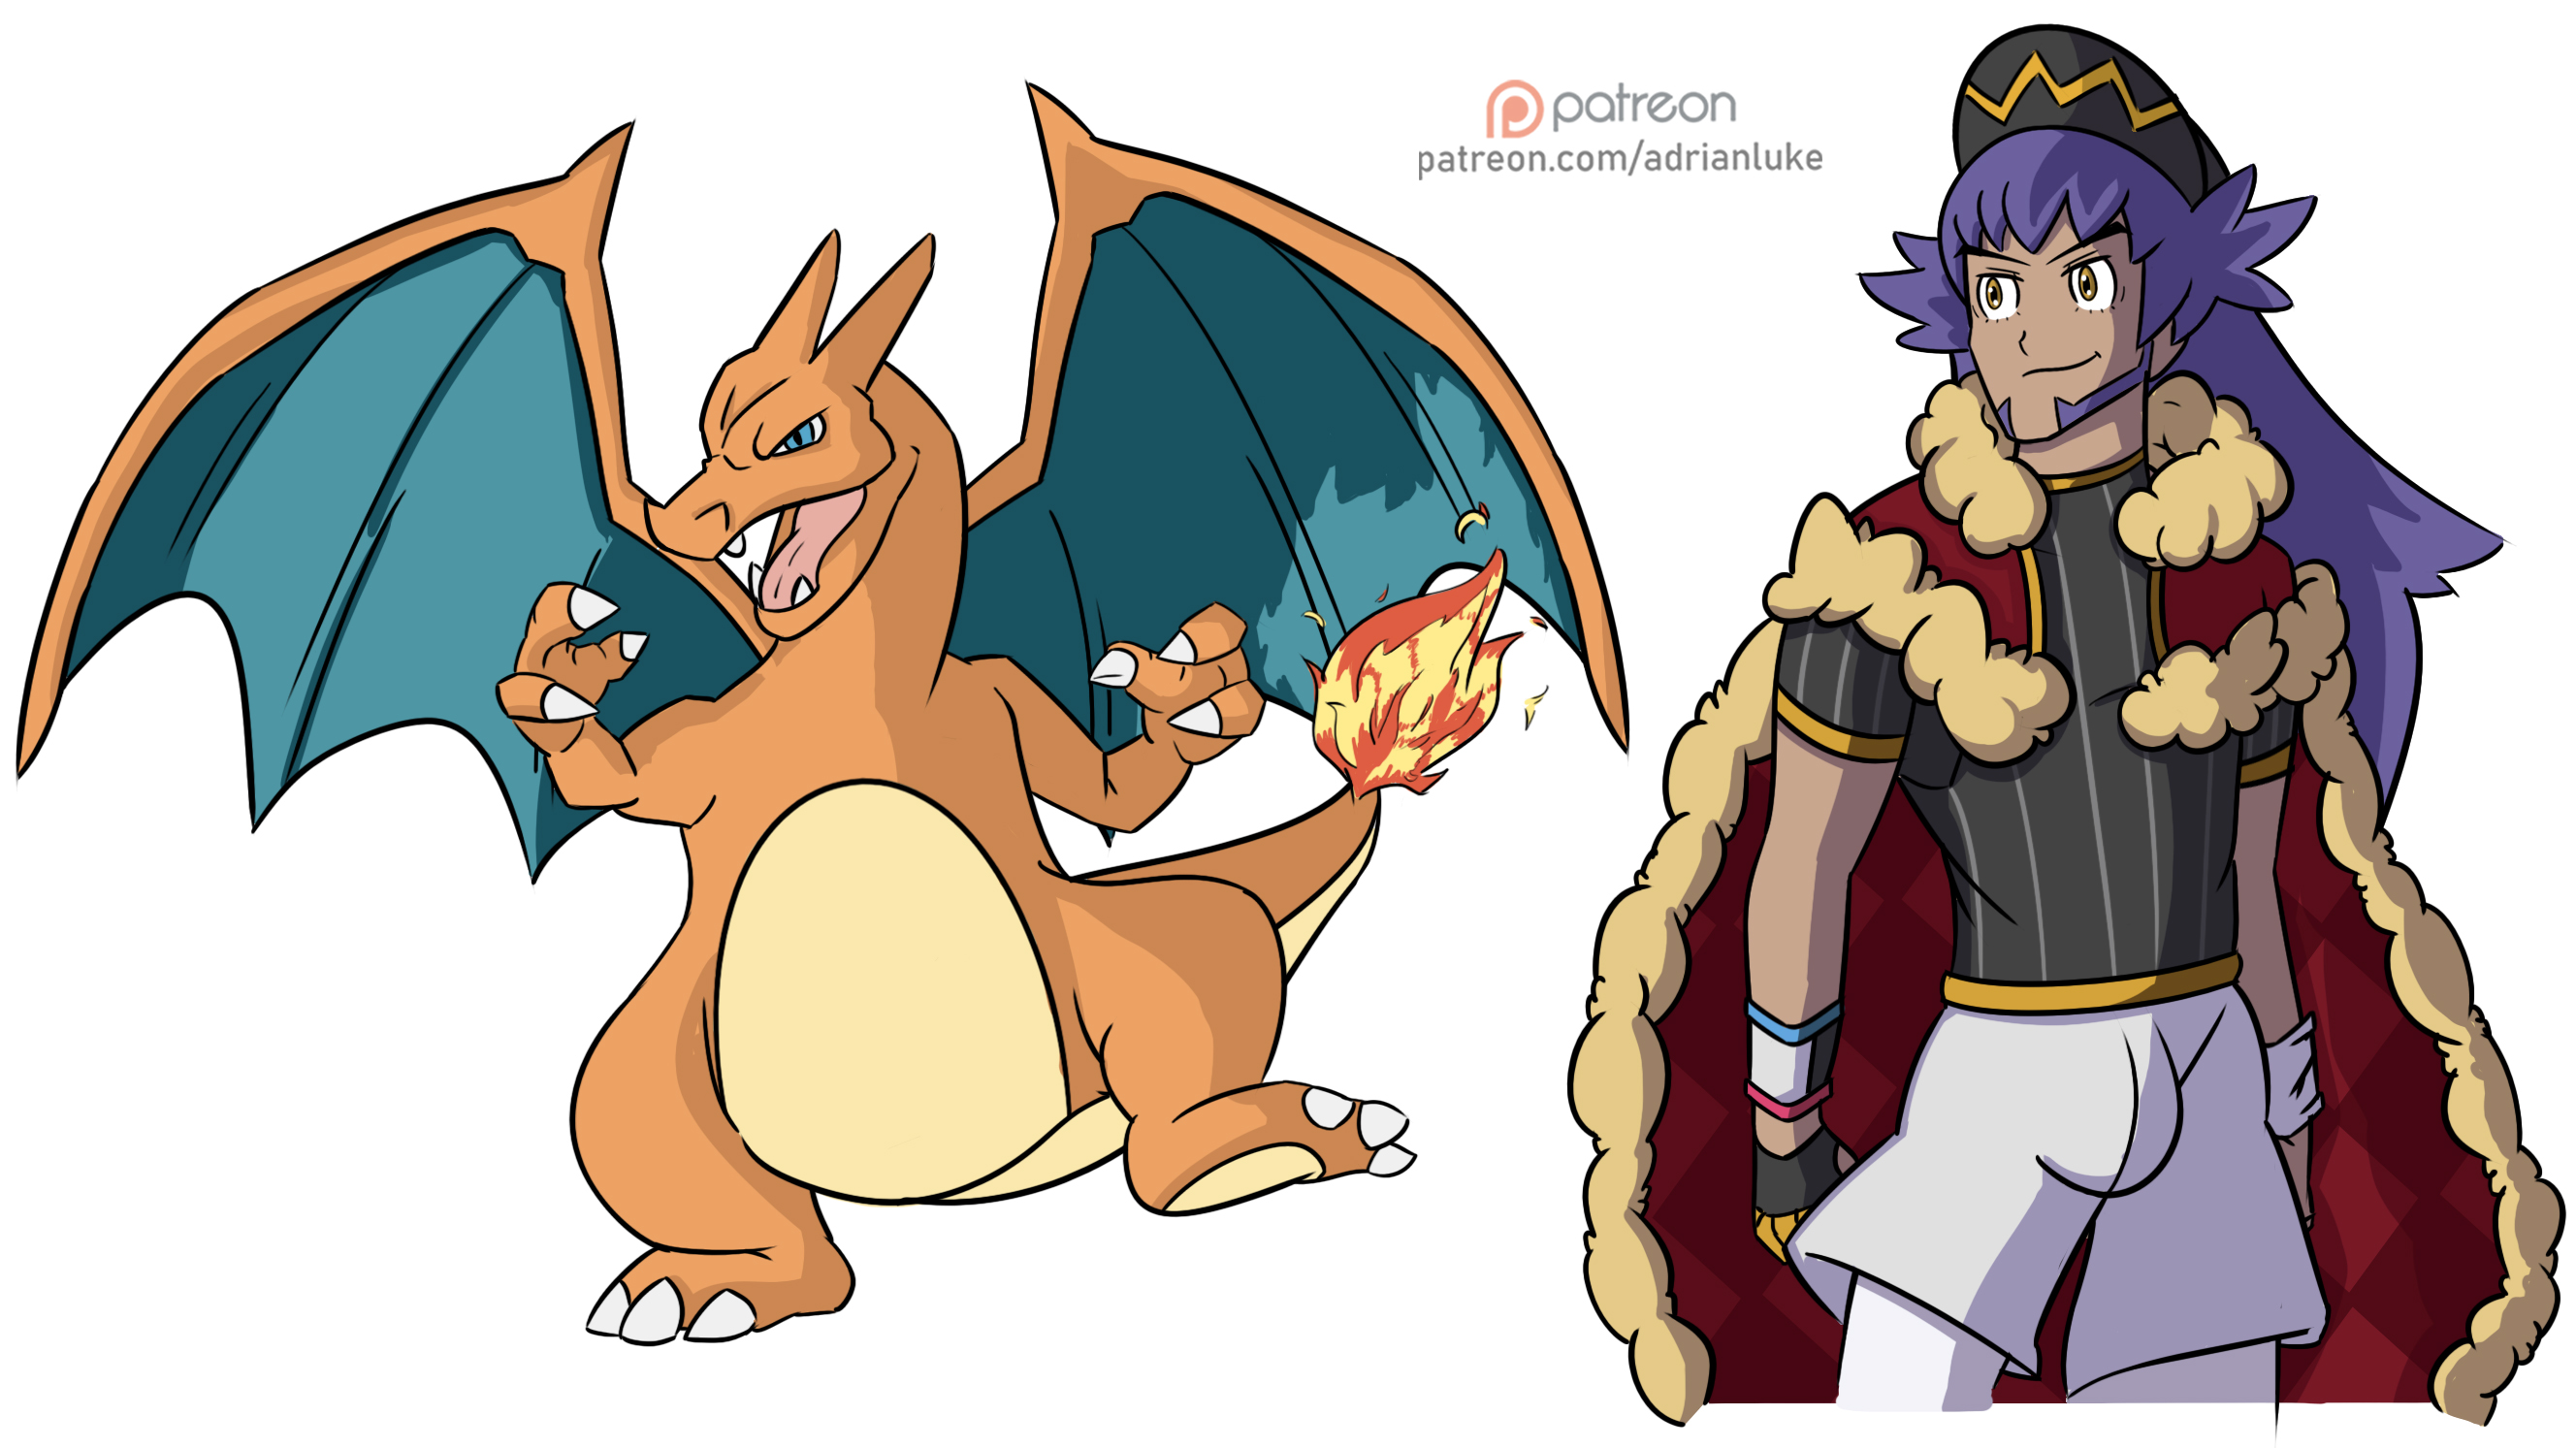 Leon and Charizard